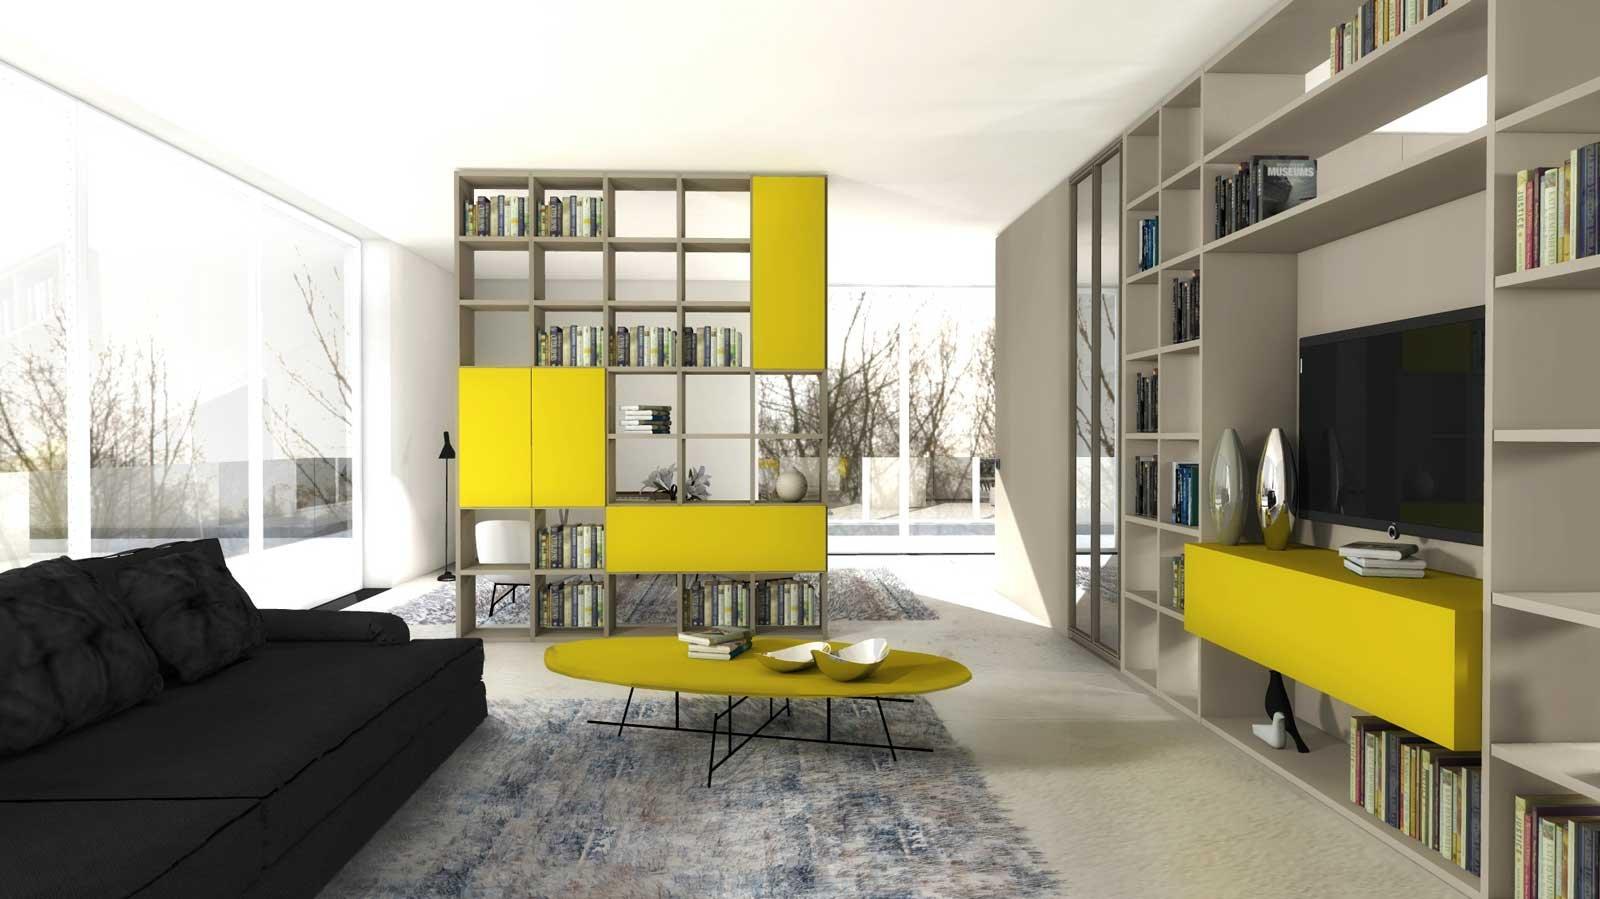 Dividere con i mobili bifacciali senza pareti progetto in 3d cose di casa for Pareti attrezzate immagini